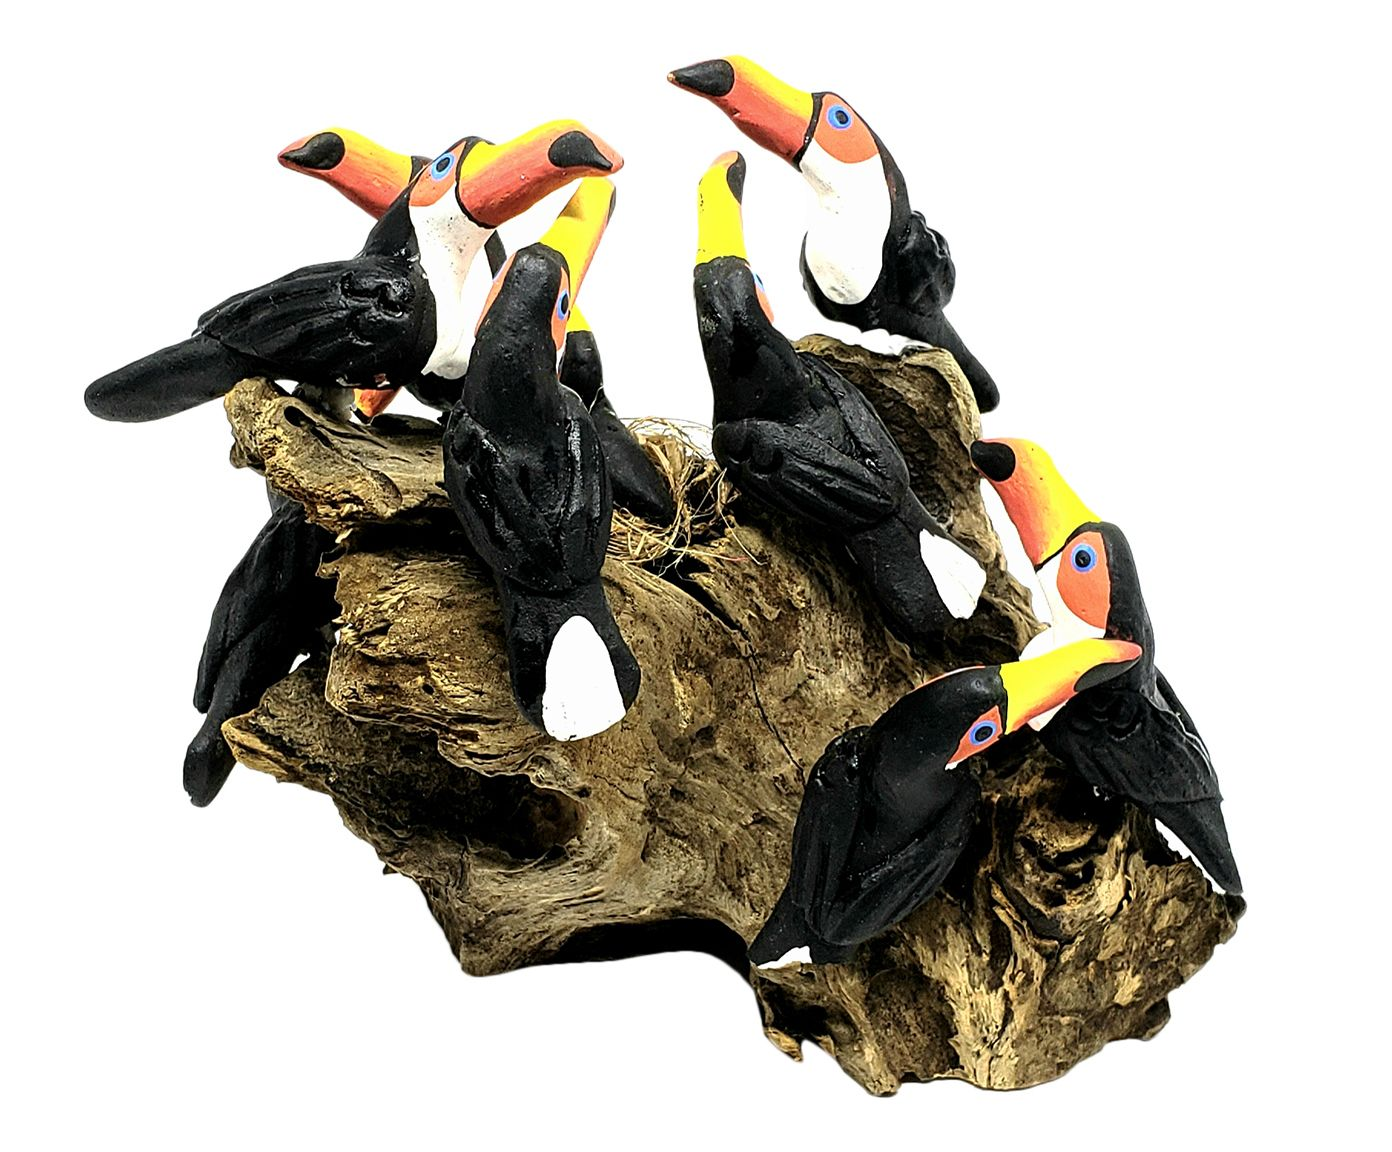 Escultura Pássaros No Tronco Oito Tucanos - 15X14cm | Westwing.com.br